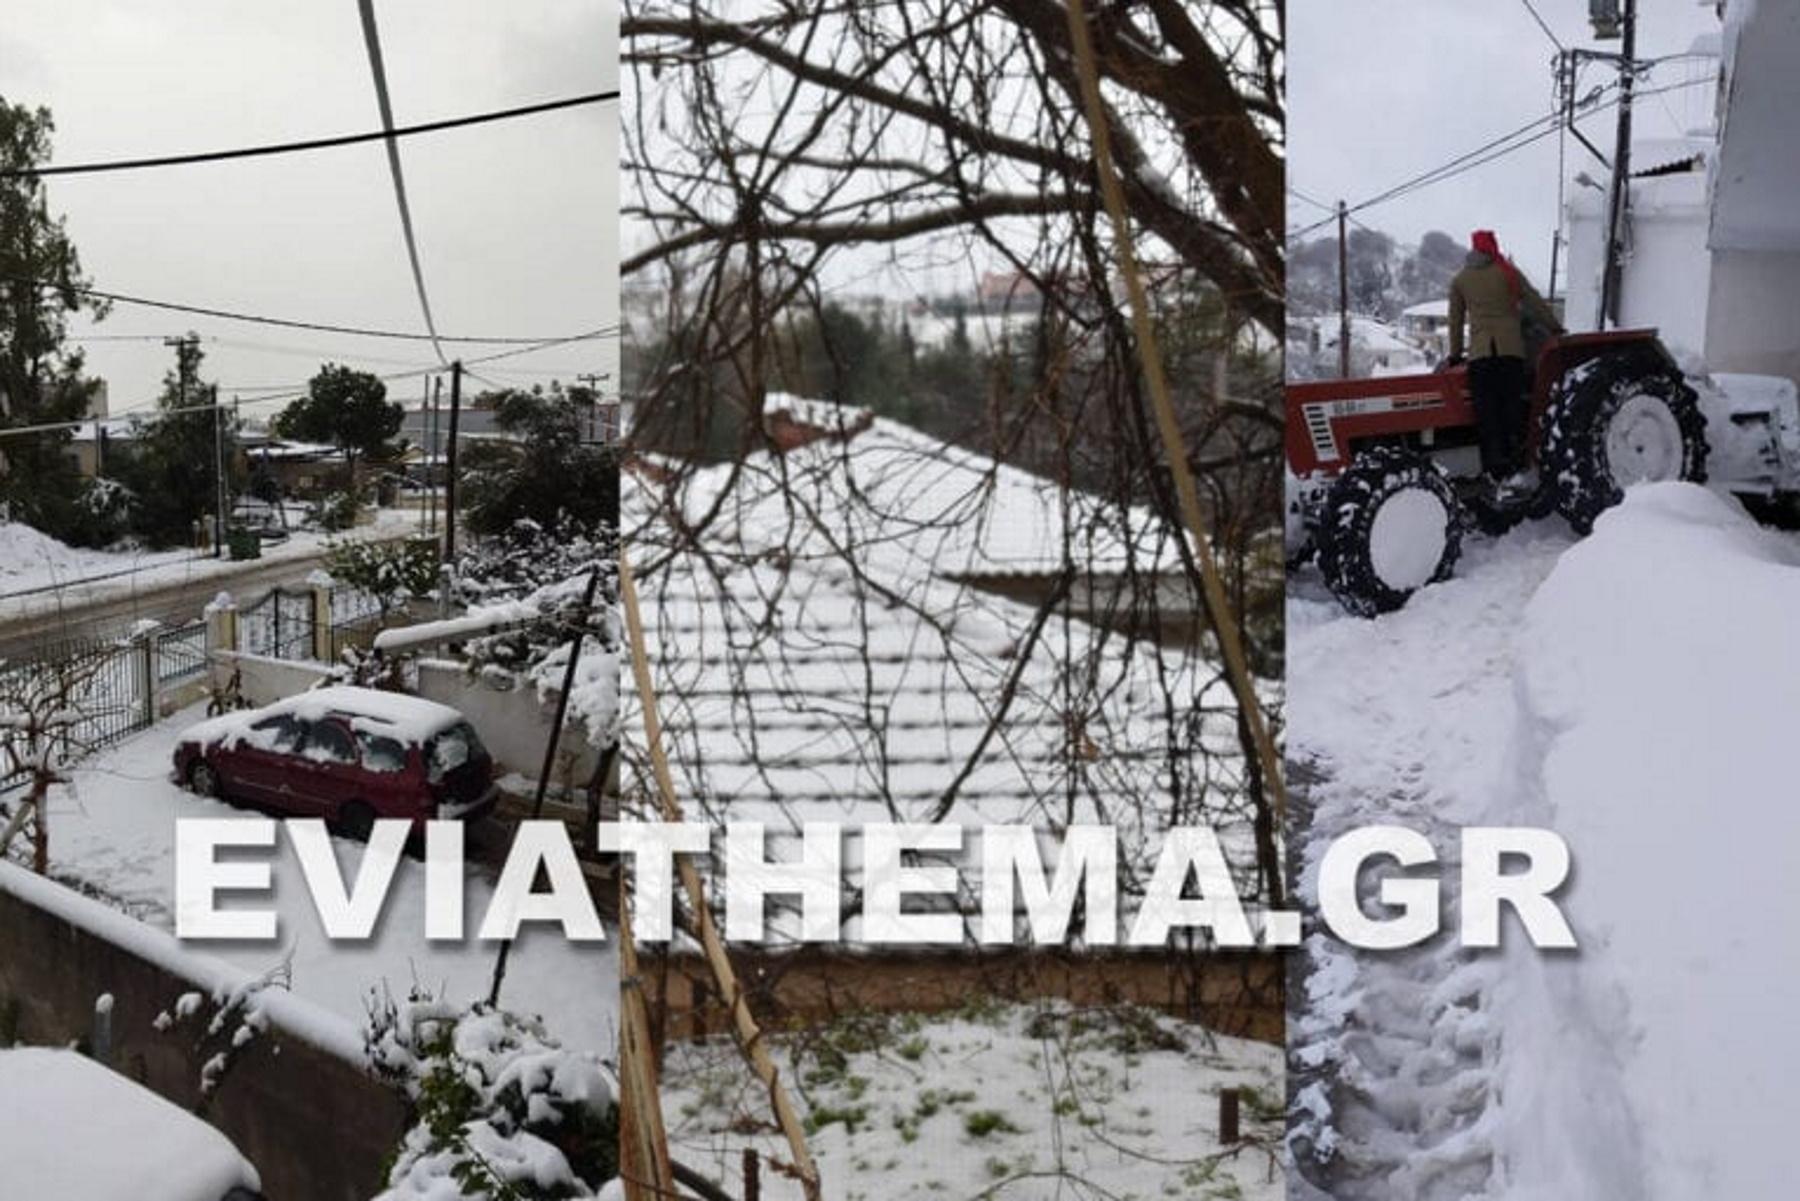 Καιρός – Εύβοια: Μέχρι και 2 μέτρα χιόνι – Κλειστοί δρόμοι και αντιολισθητικές αλυσίδες (pics, video)